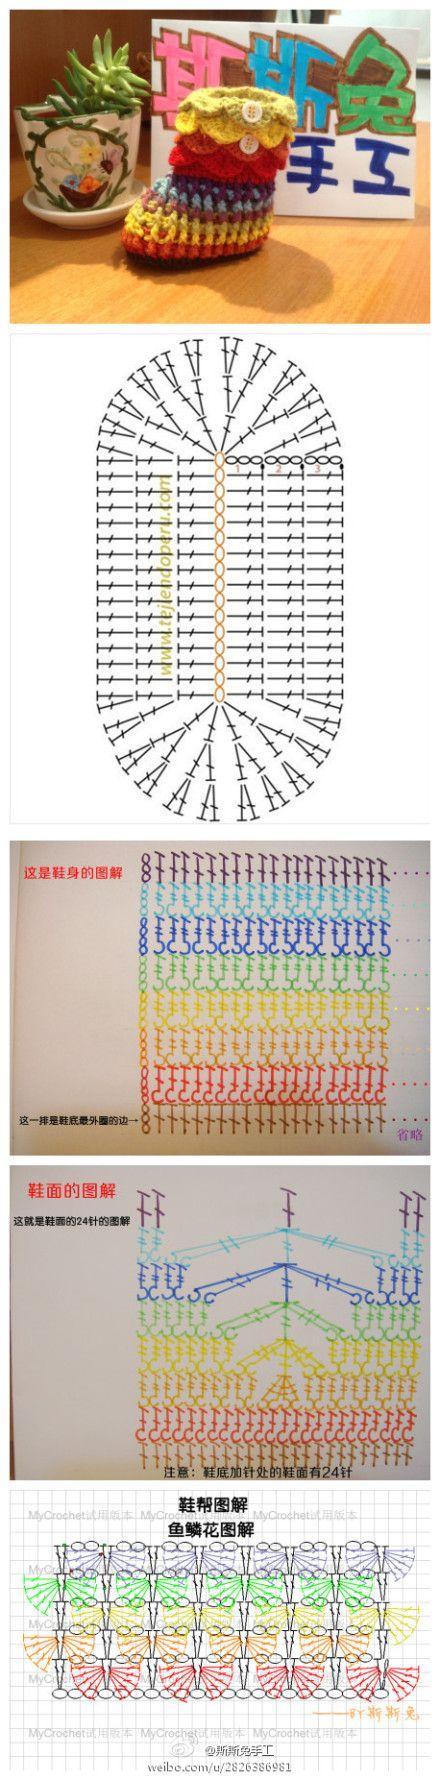 Crochet Booties - Chart | #4 CROCHET CHARTS | Pinterest | Häkeln ...